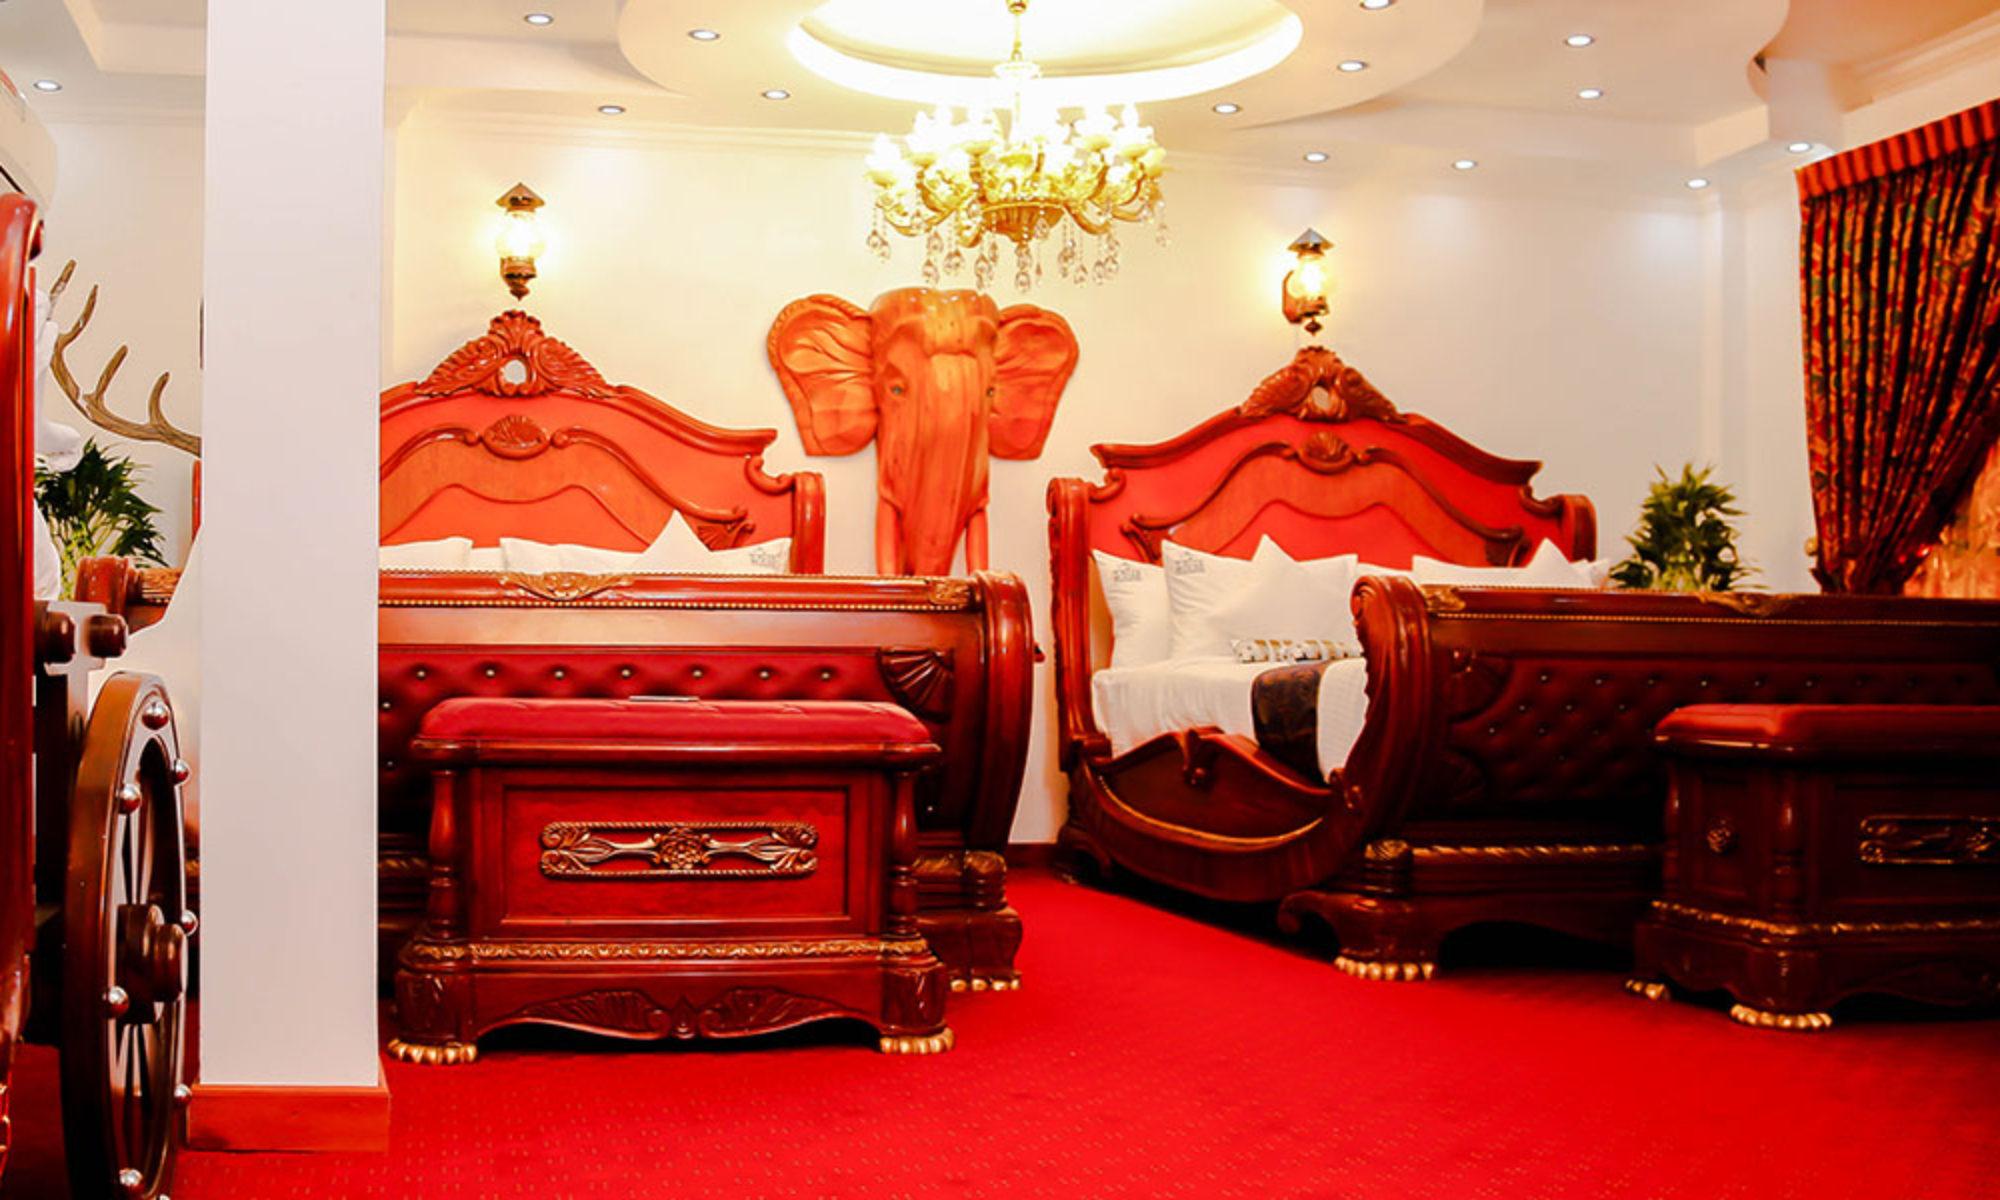 Luxury hotel in Anuradhapura